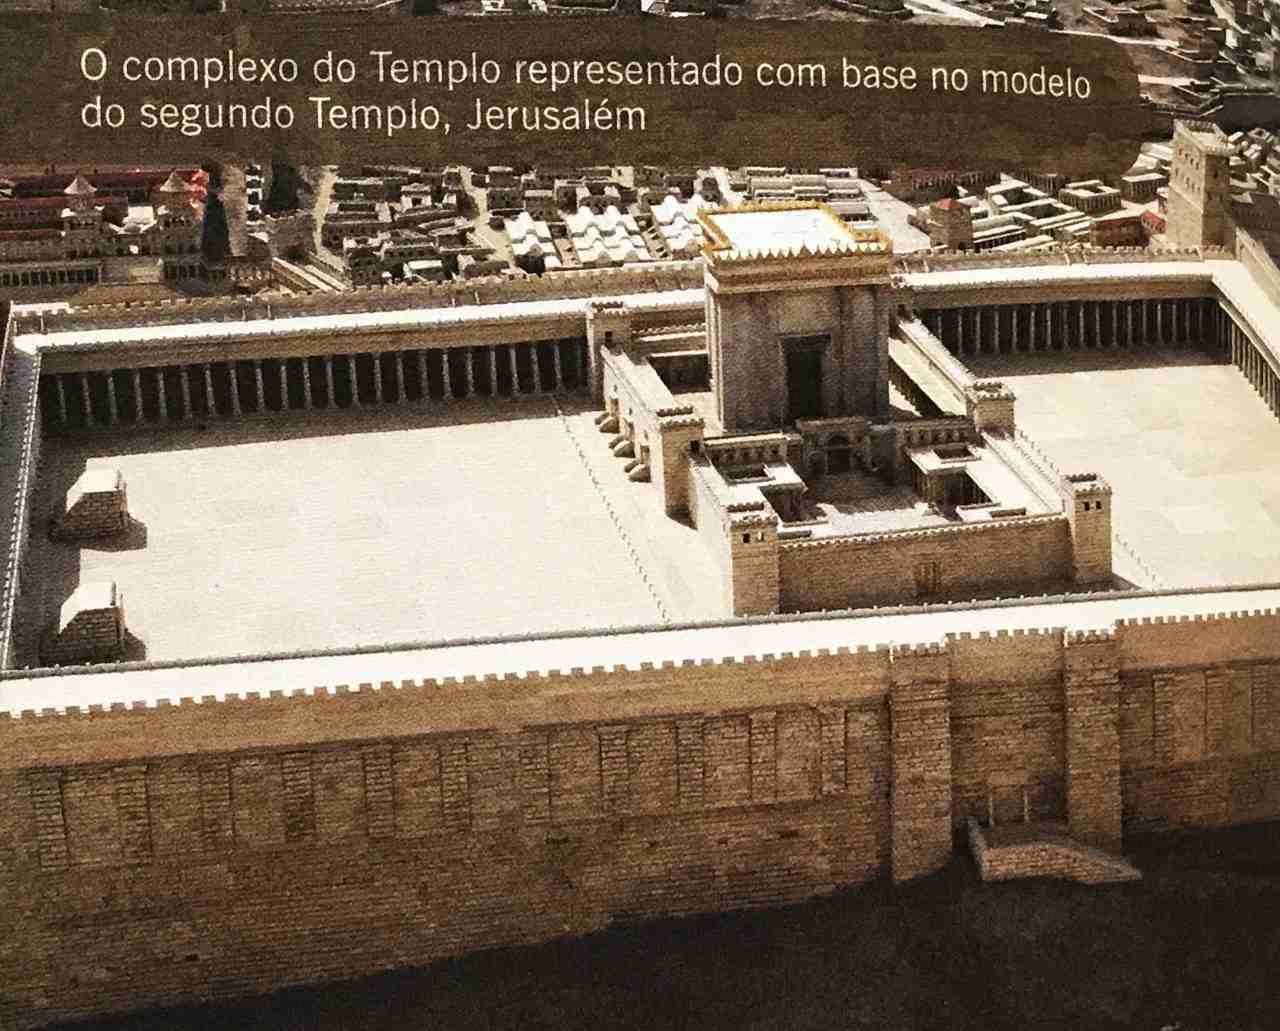 30 dias na terra dos Salmos - Templo de Jerusalém